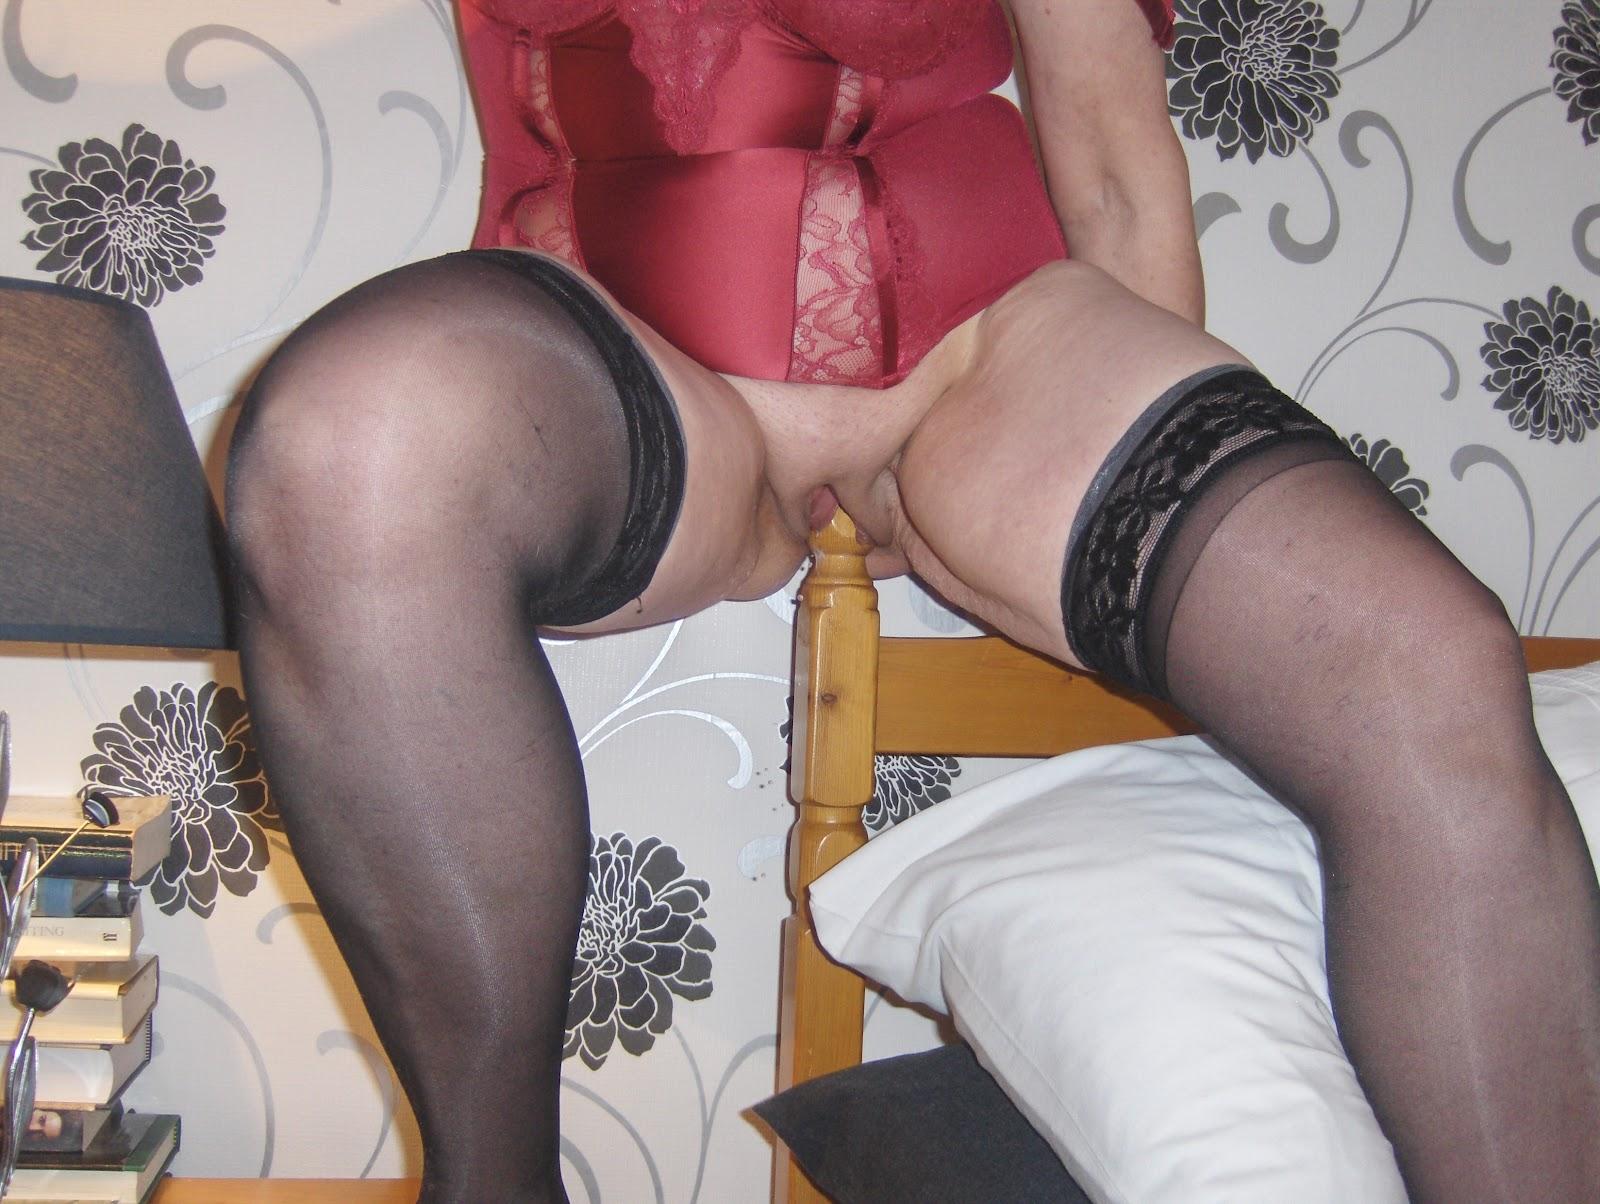 Hot blonde anal porn